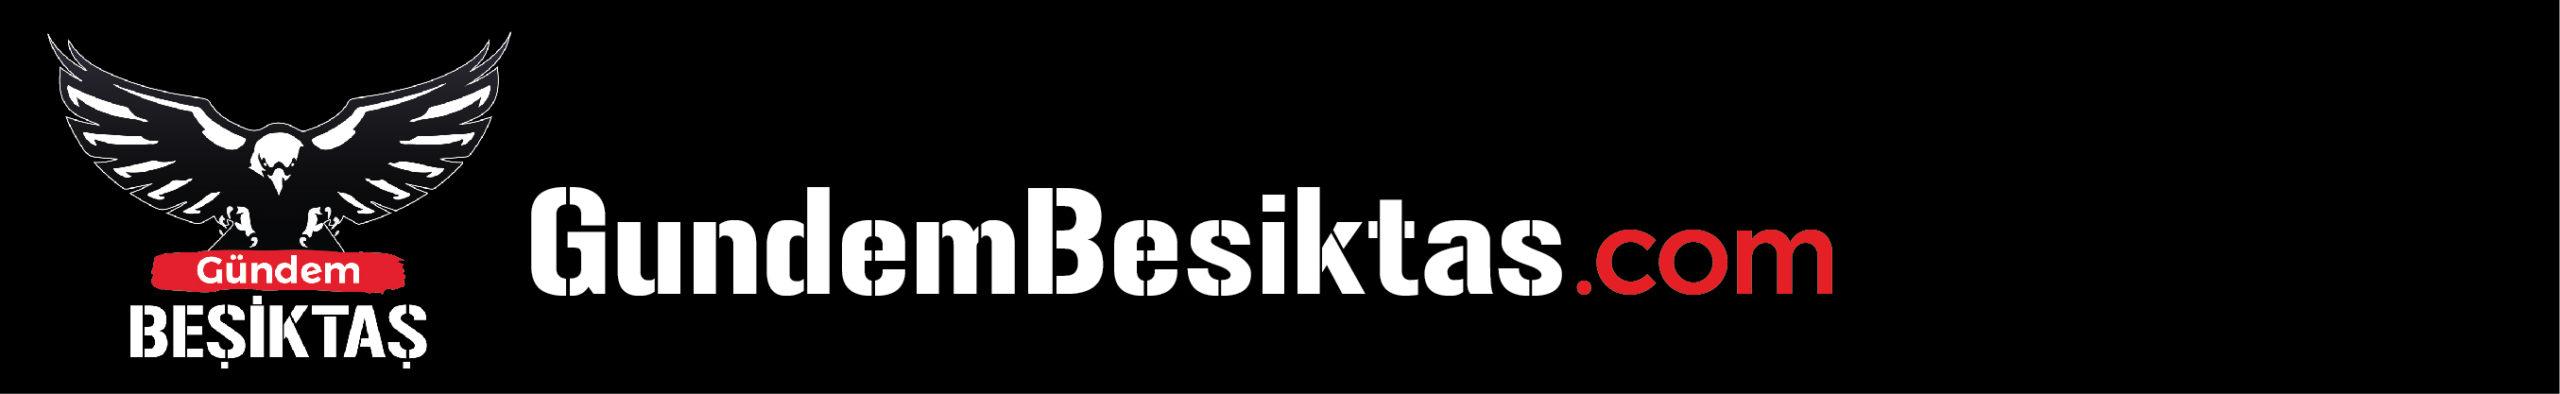 GundemBesiktas.com